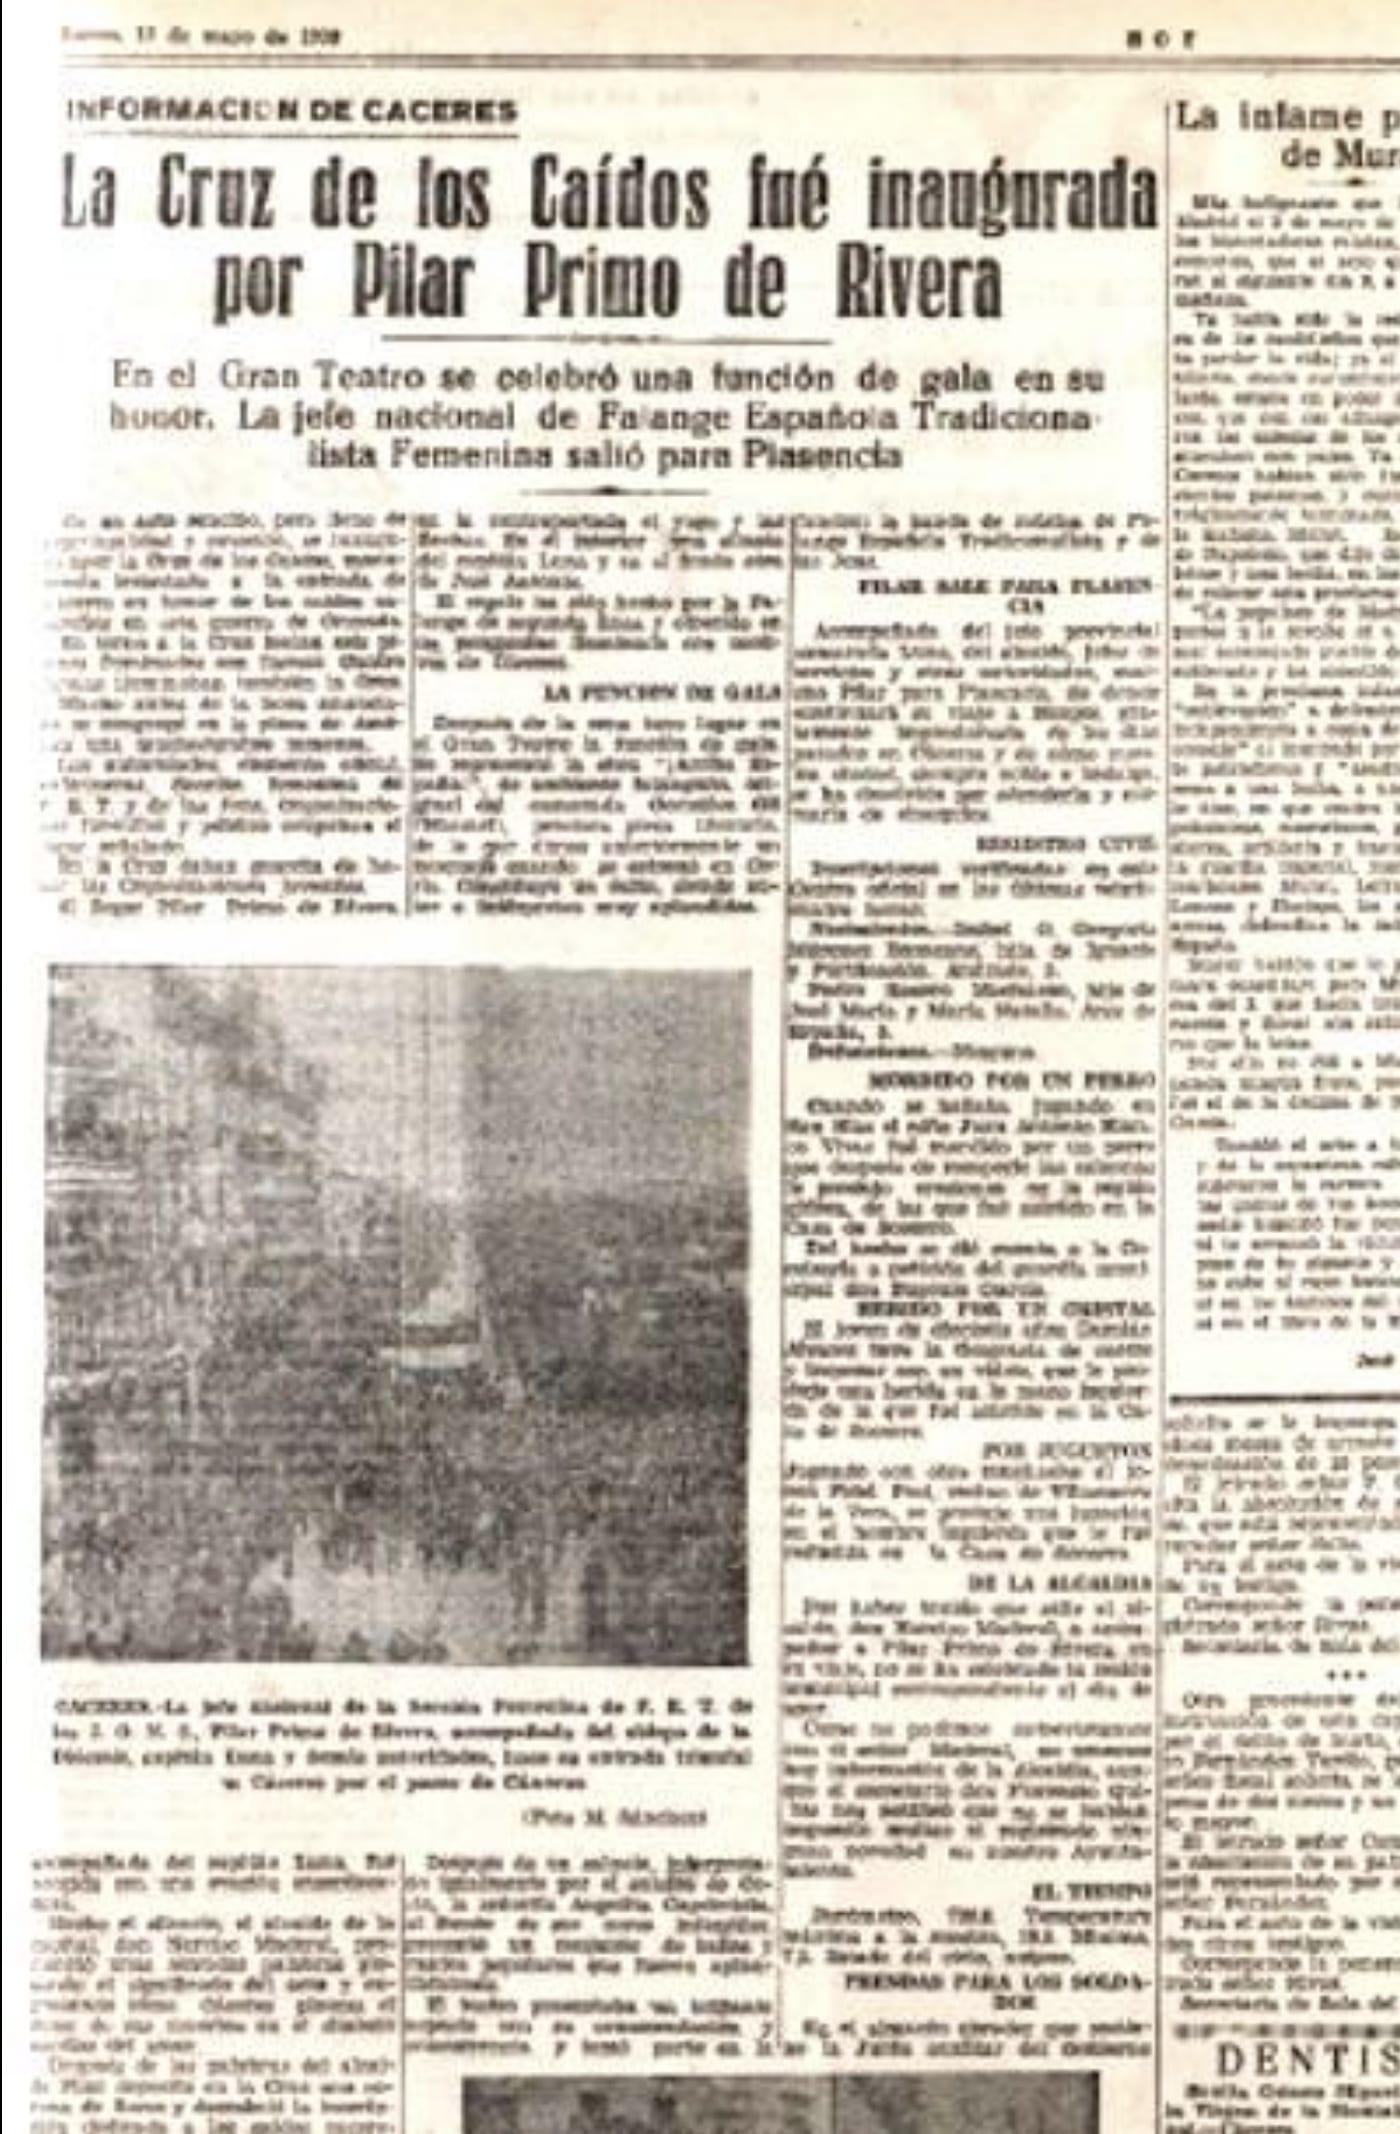 1938-05-12 - Noticia de la inauguración de la Cruz de los Caídos de Cáceres